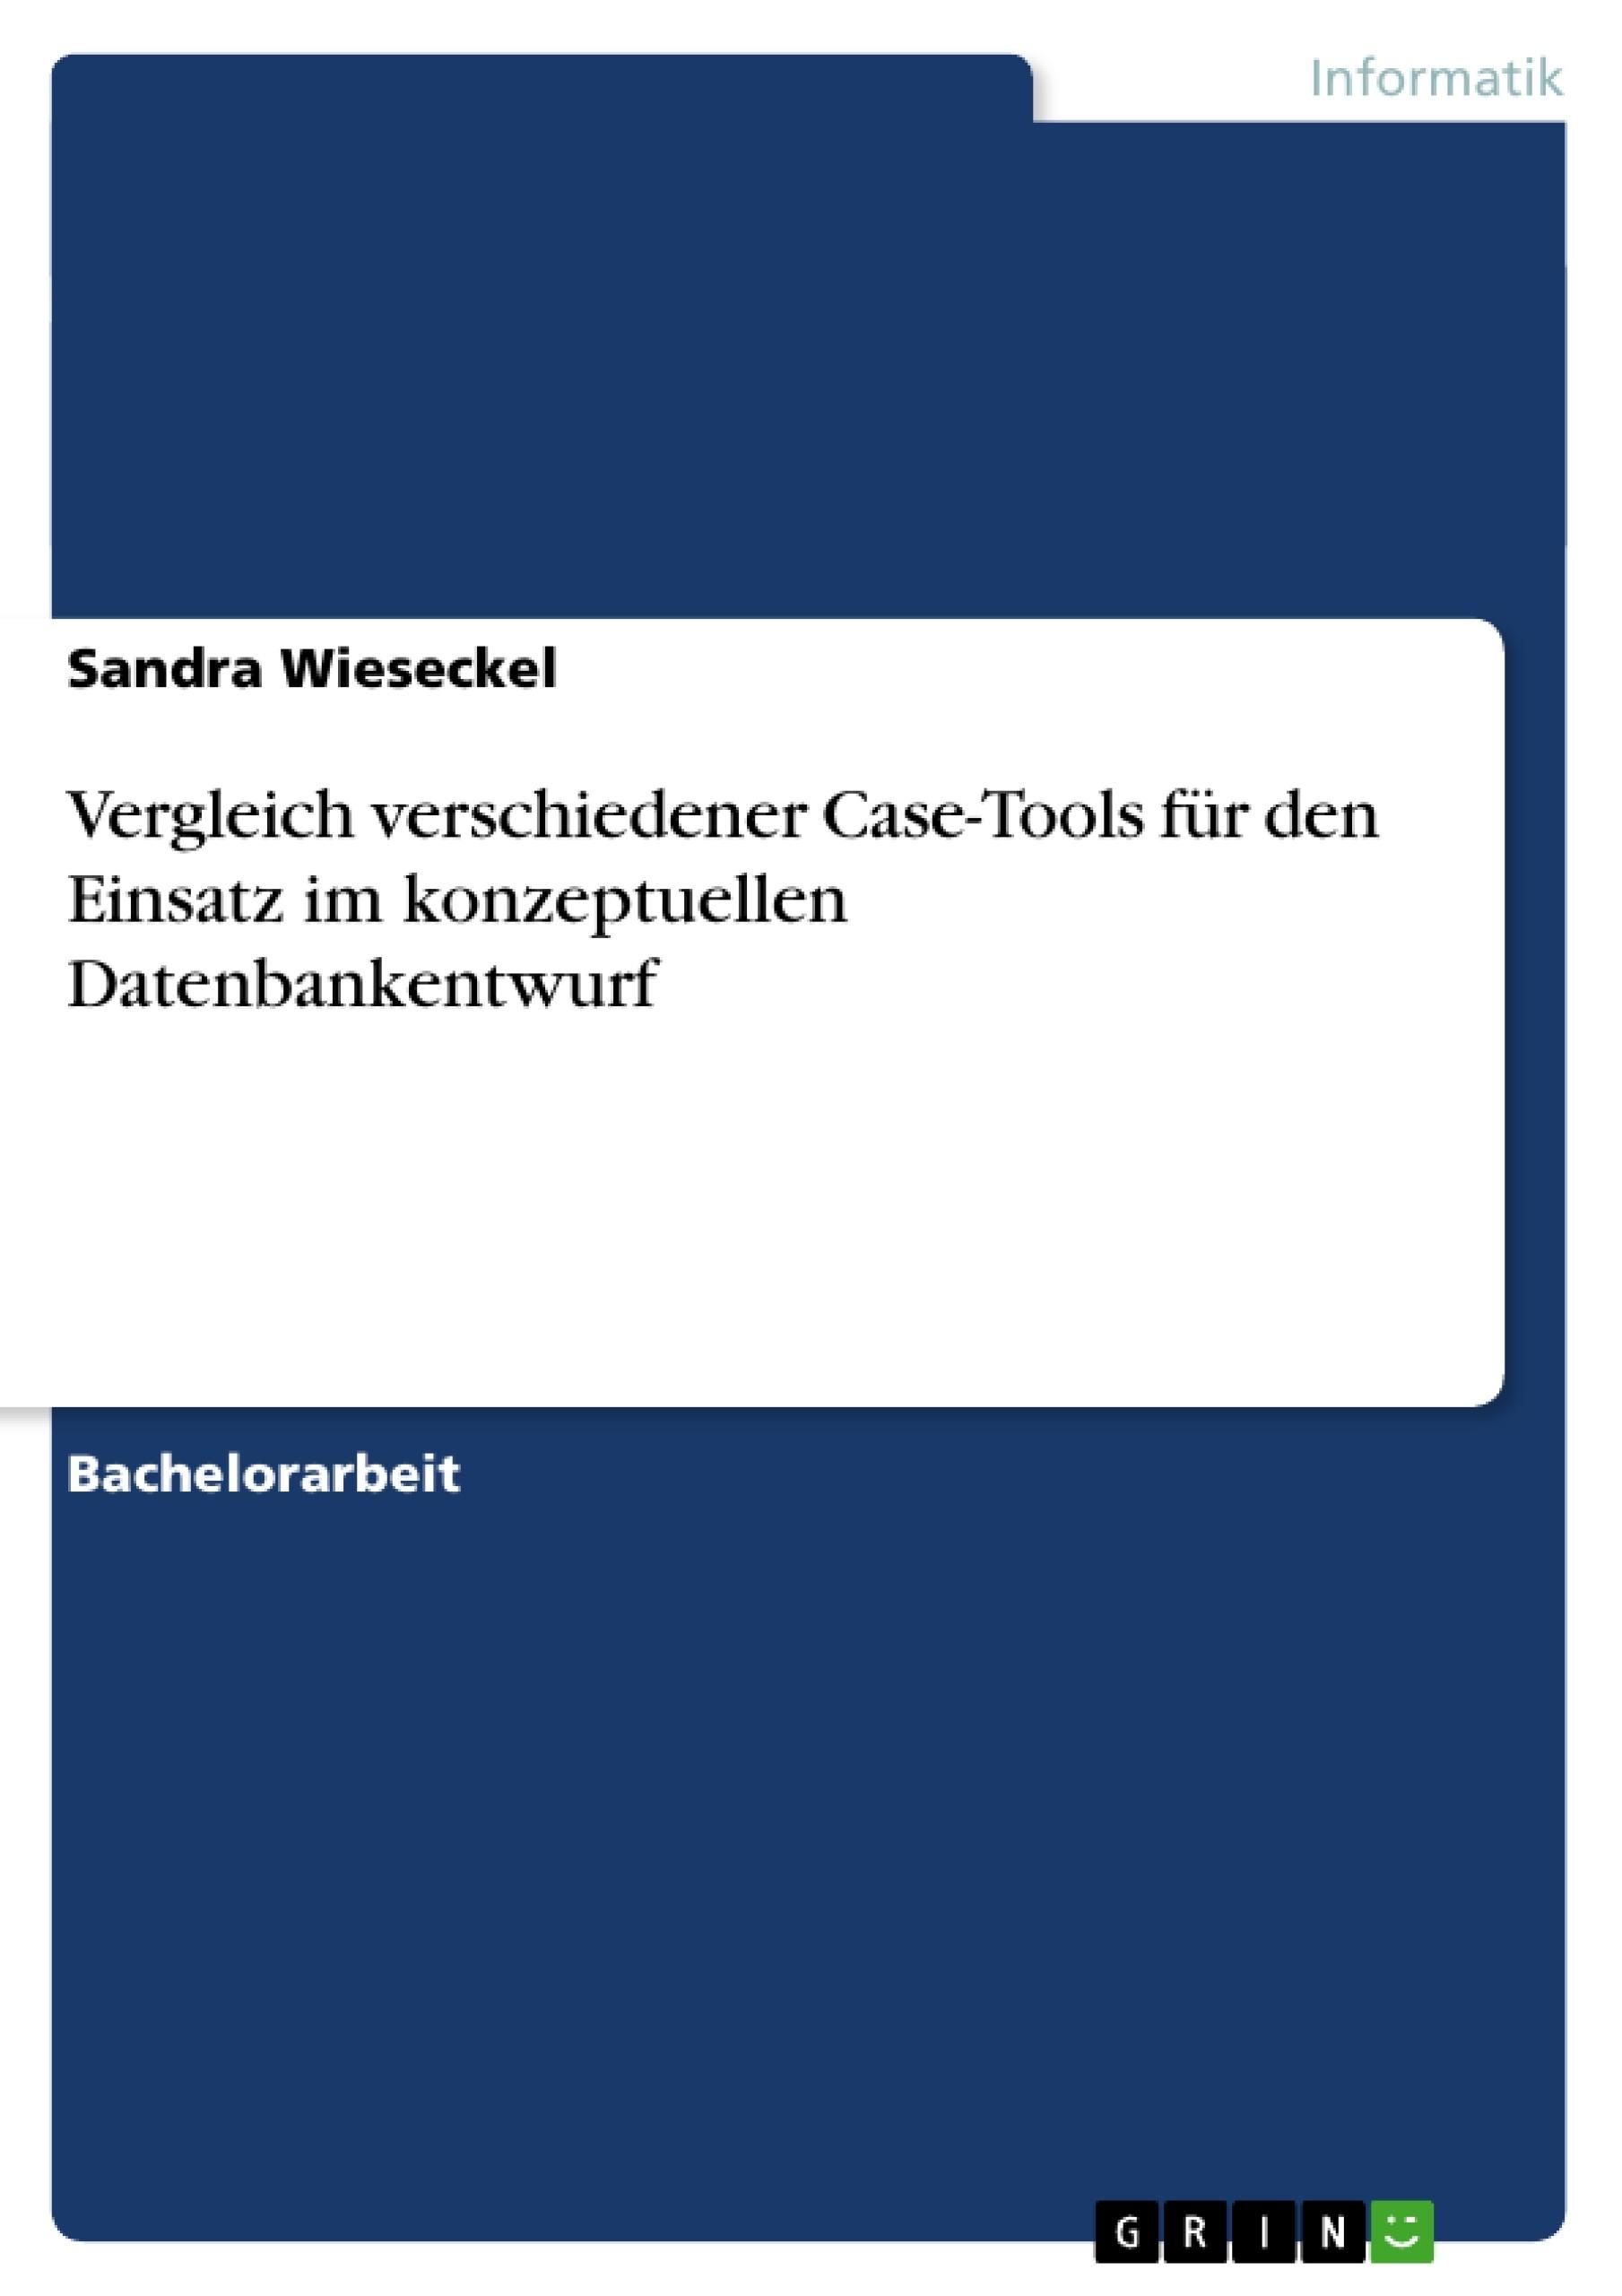 Titel: Vergleich verschiedener Case-Tools für den Einsatz im konzeptuellen Datenbankentwurf